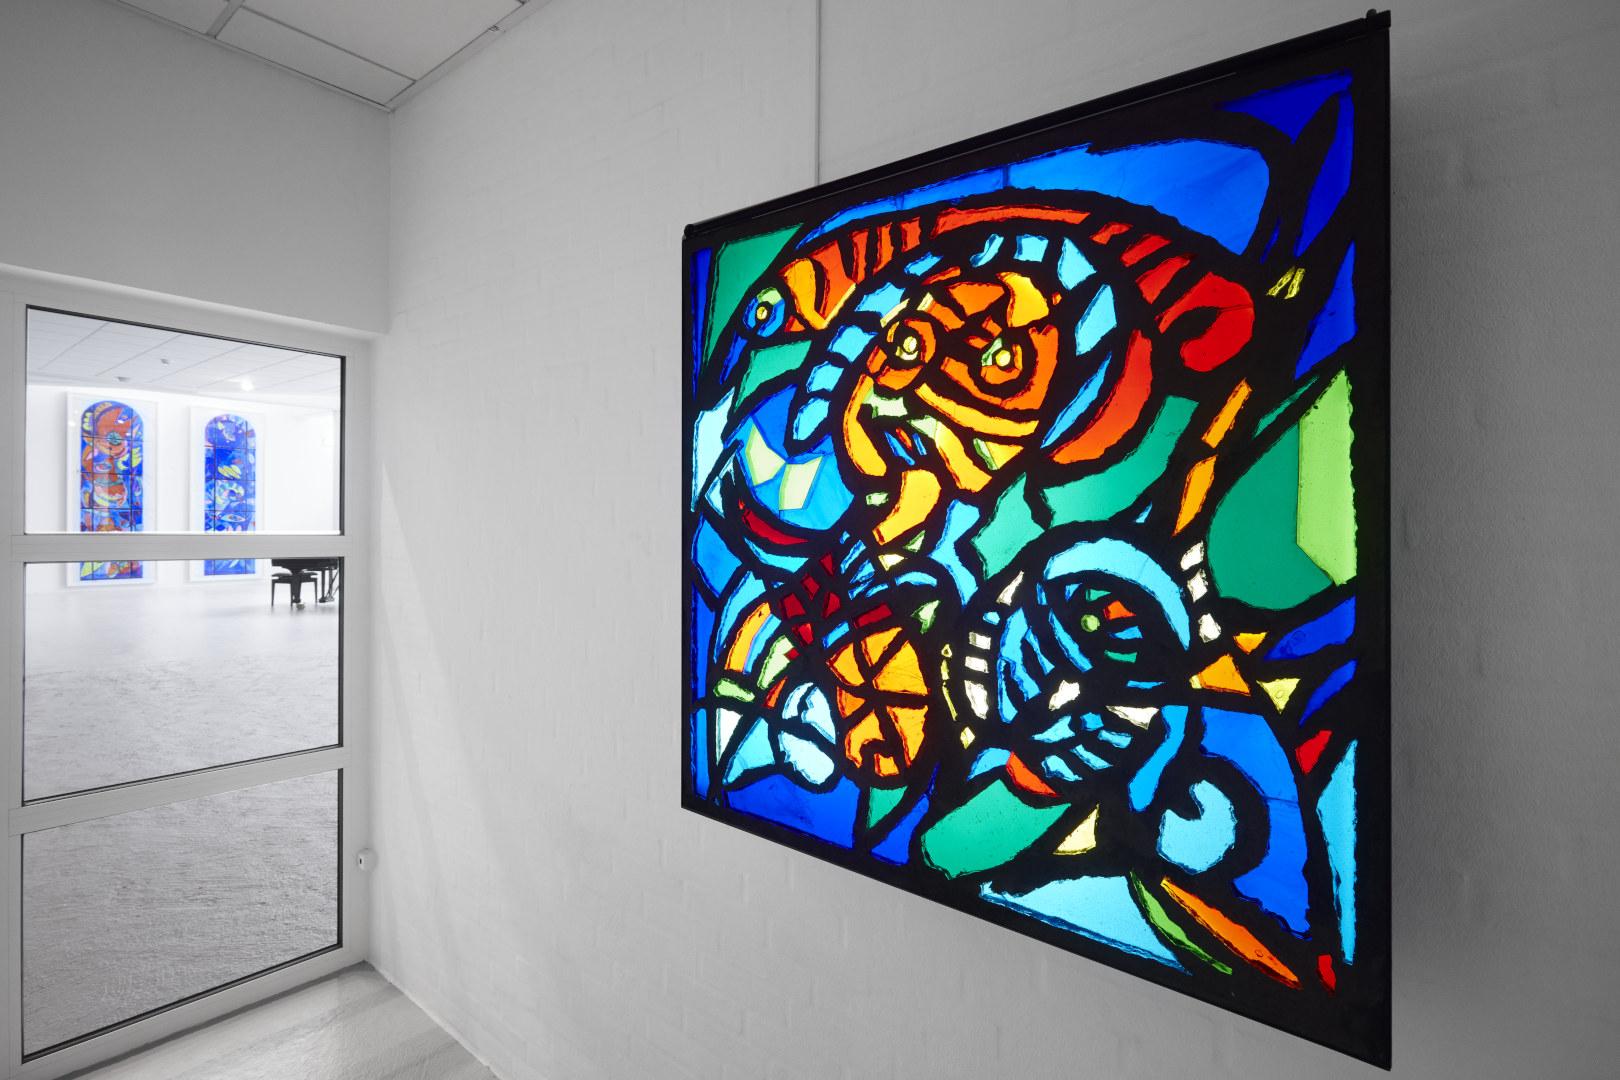 CHPEA_7_exhibition_CHPEA Museum